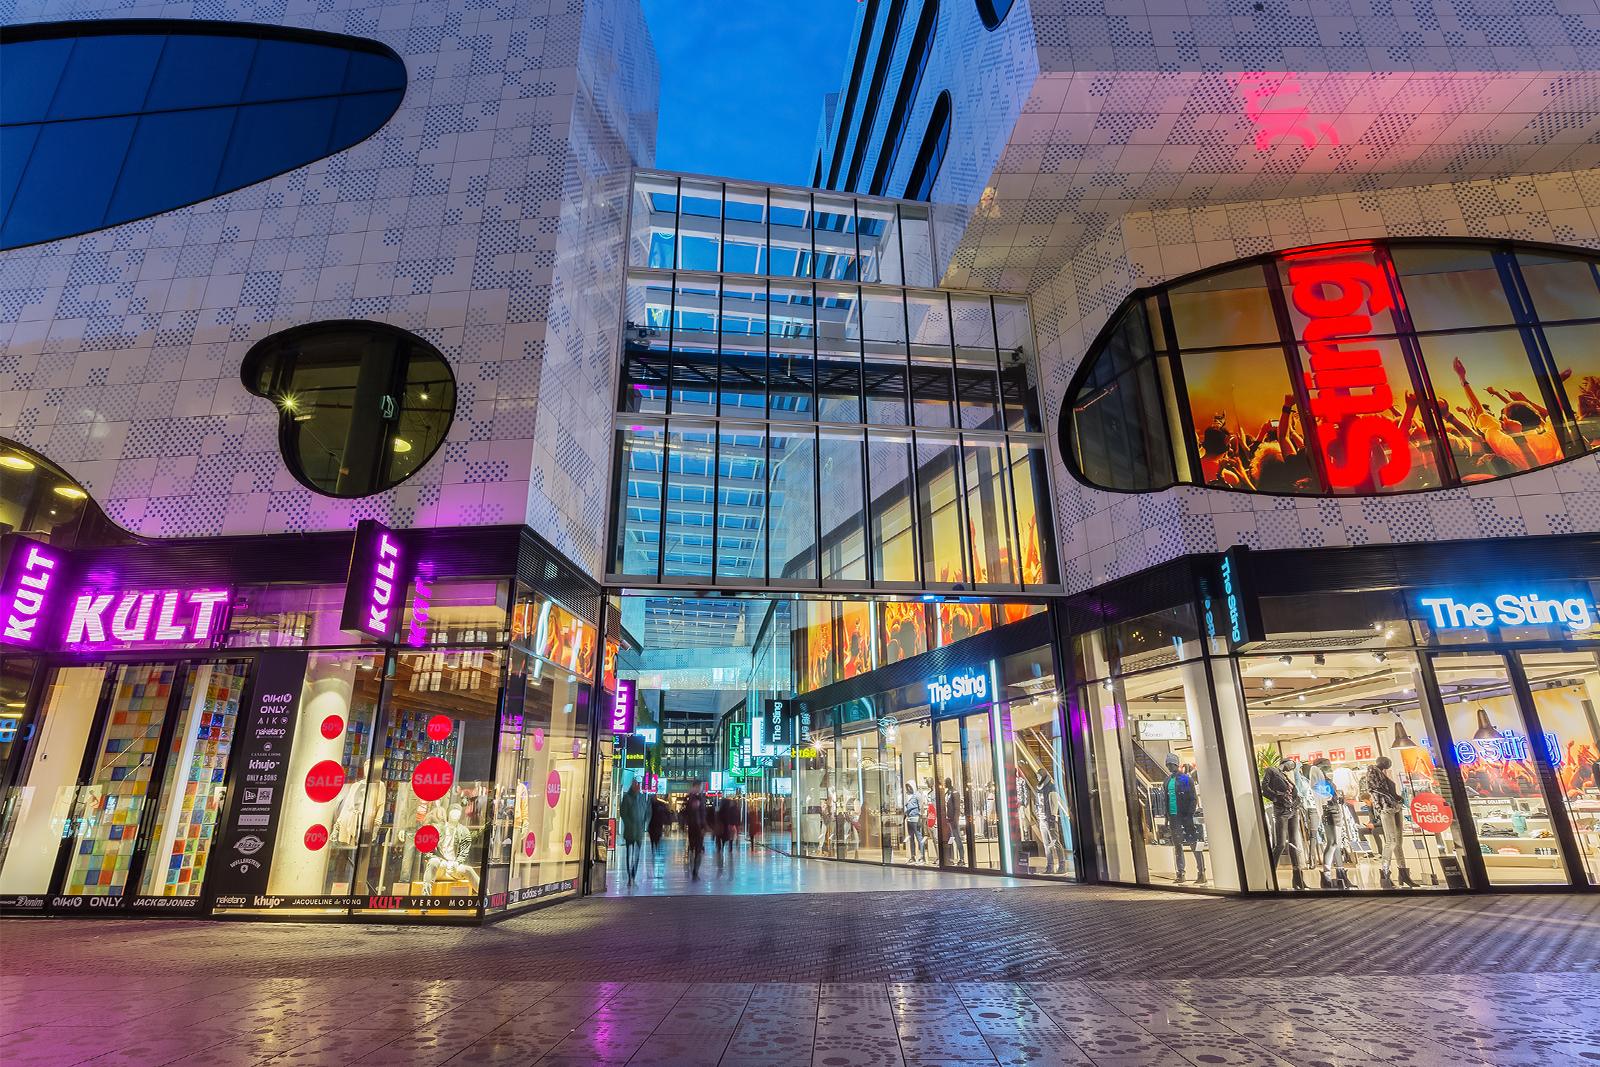 Mall-Carousel